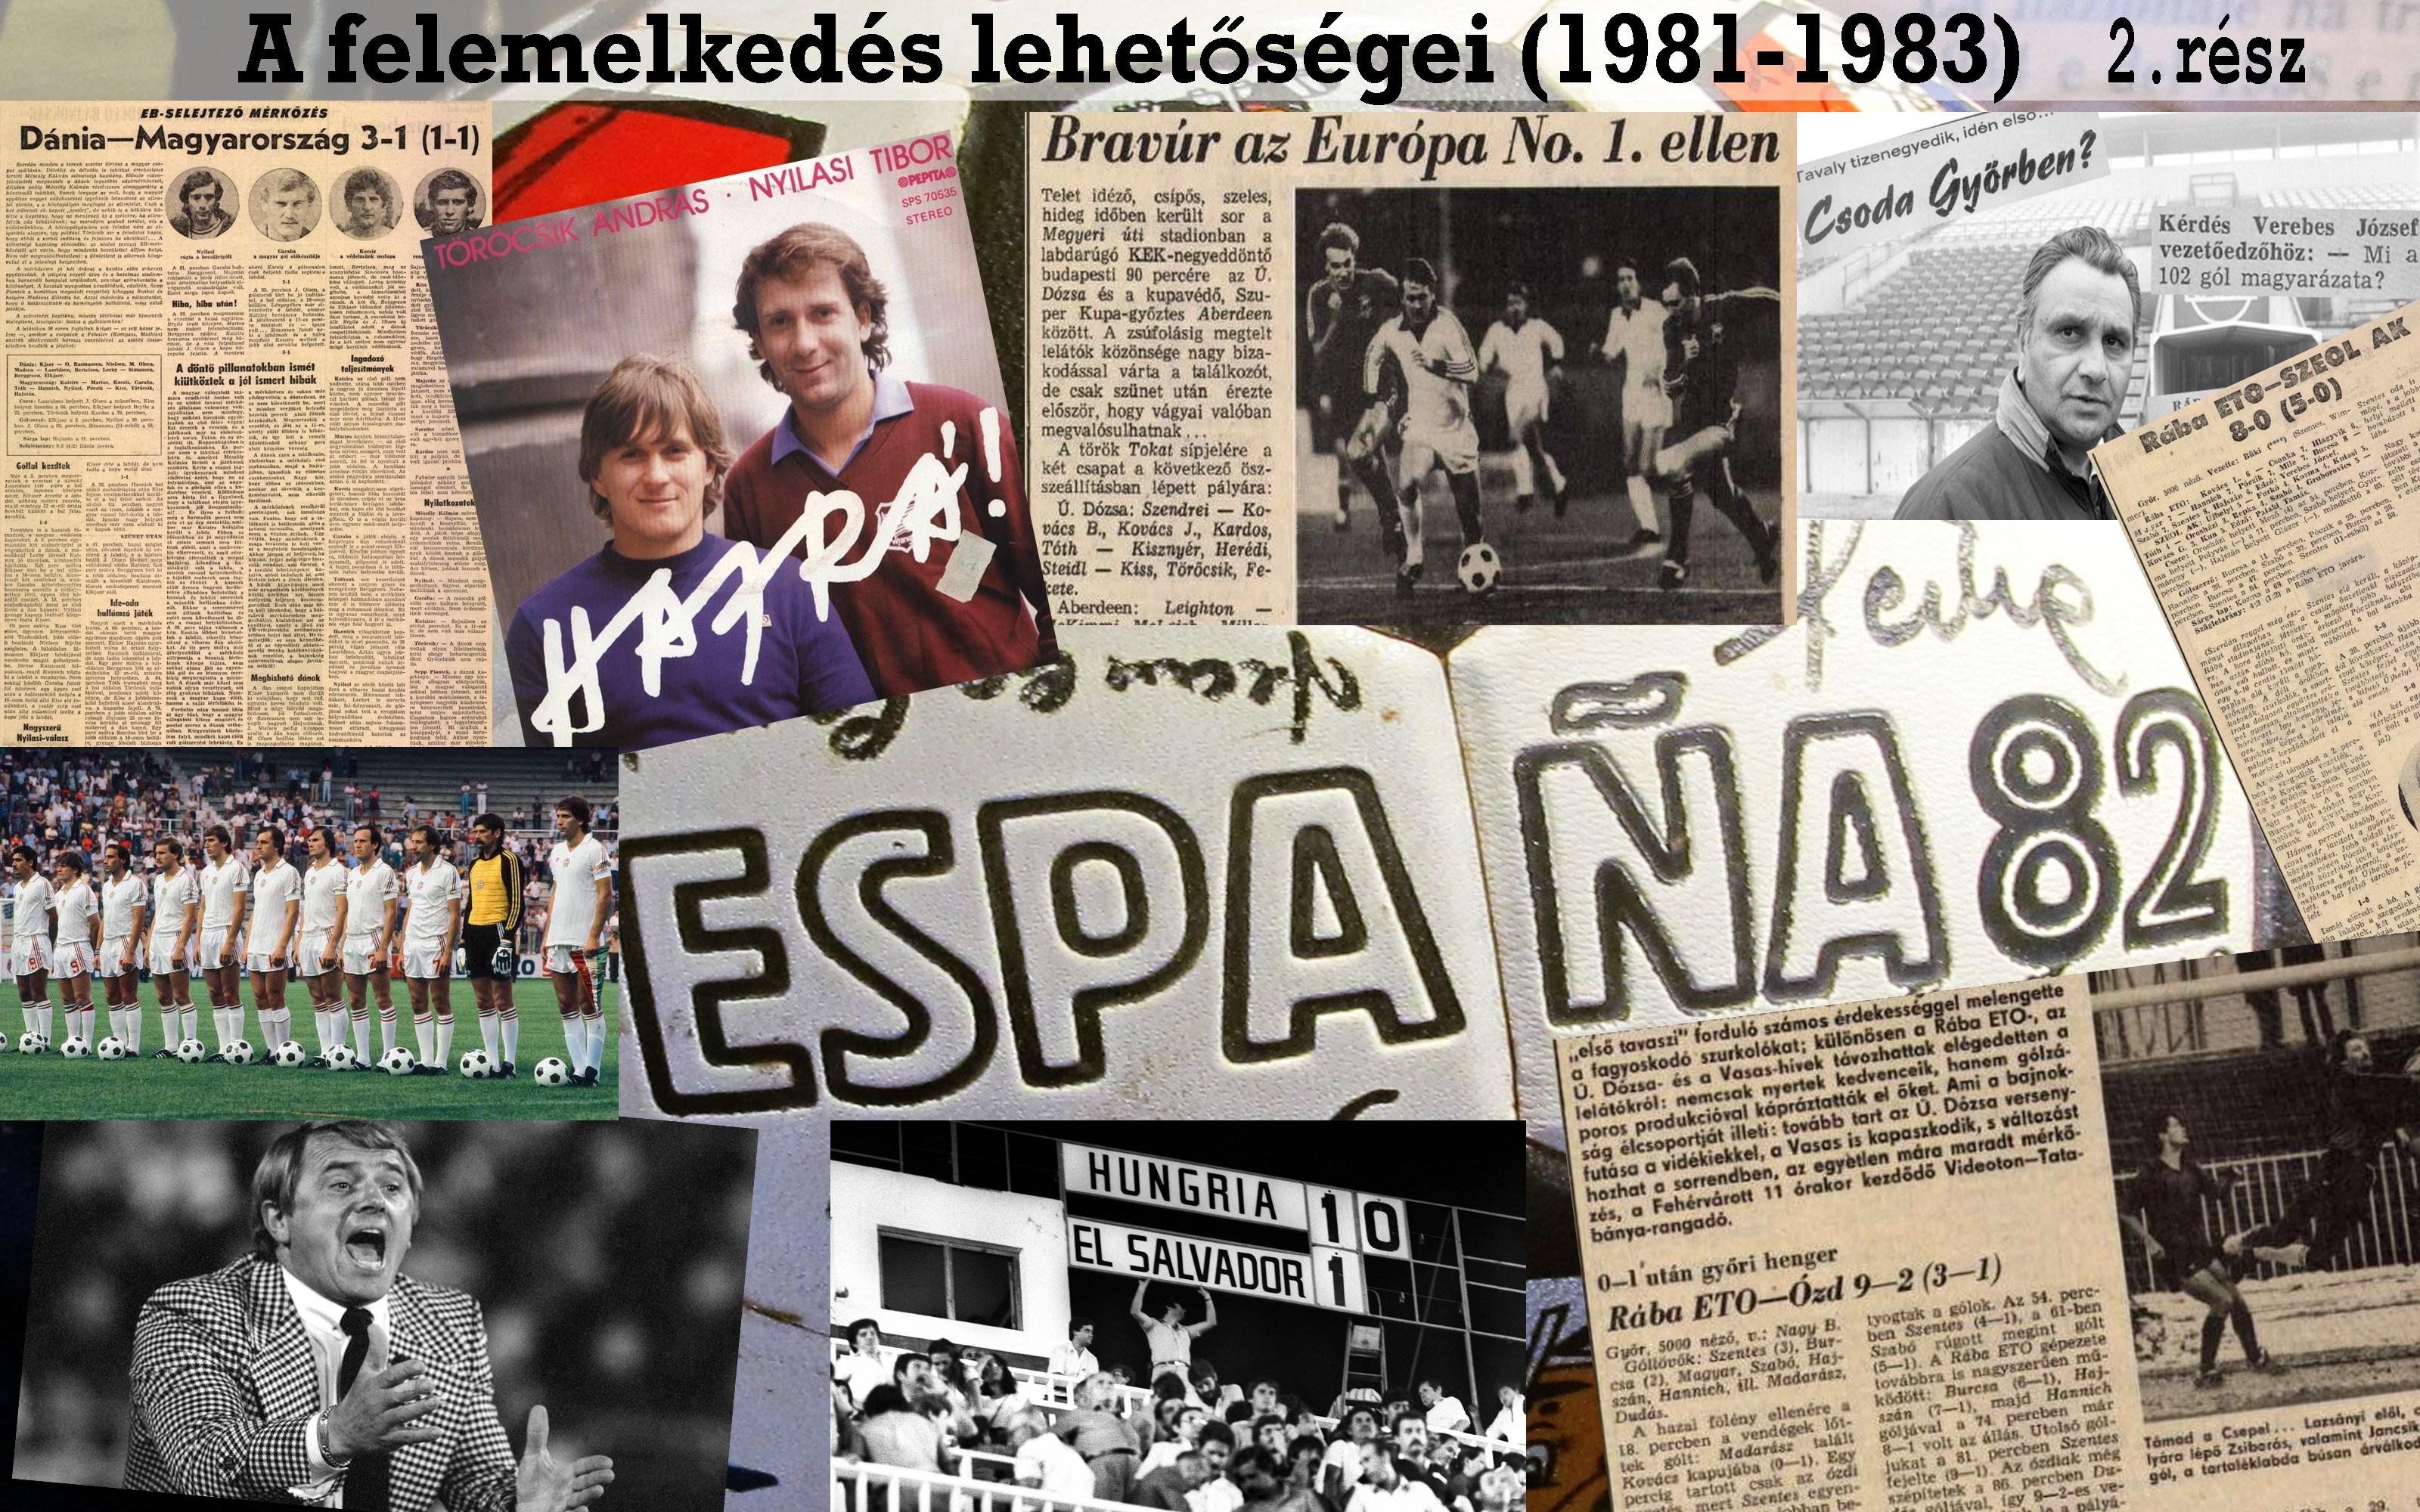 A MÁSODIK FÉLIDŐBEN ÖTÖT RÚGTOK  avagy a magyar labdarúgás elmúlt 40 éve